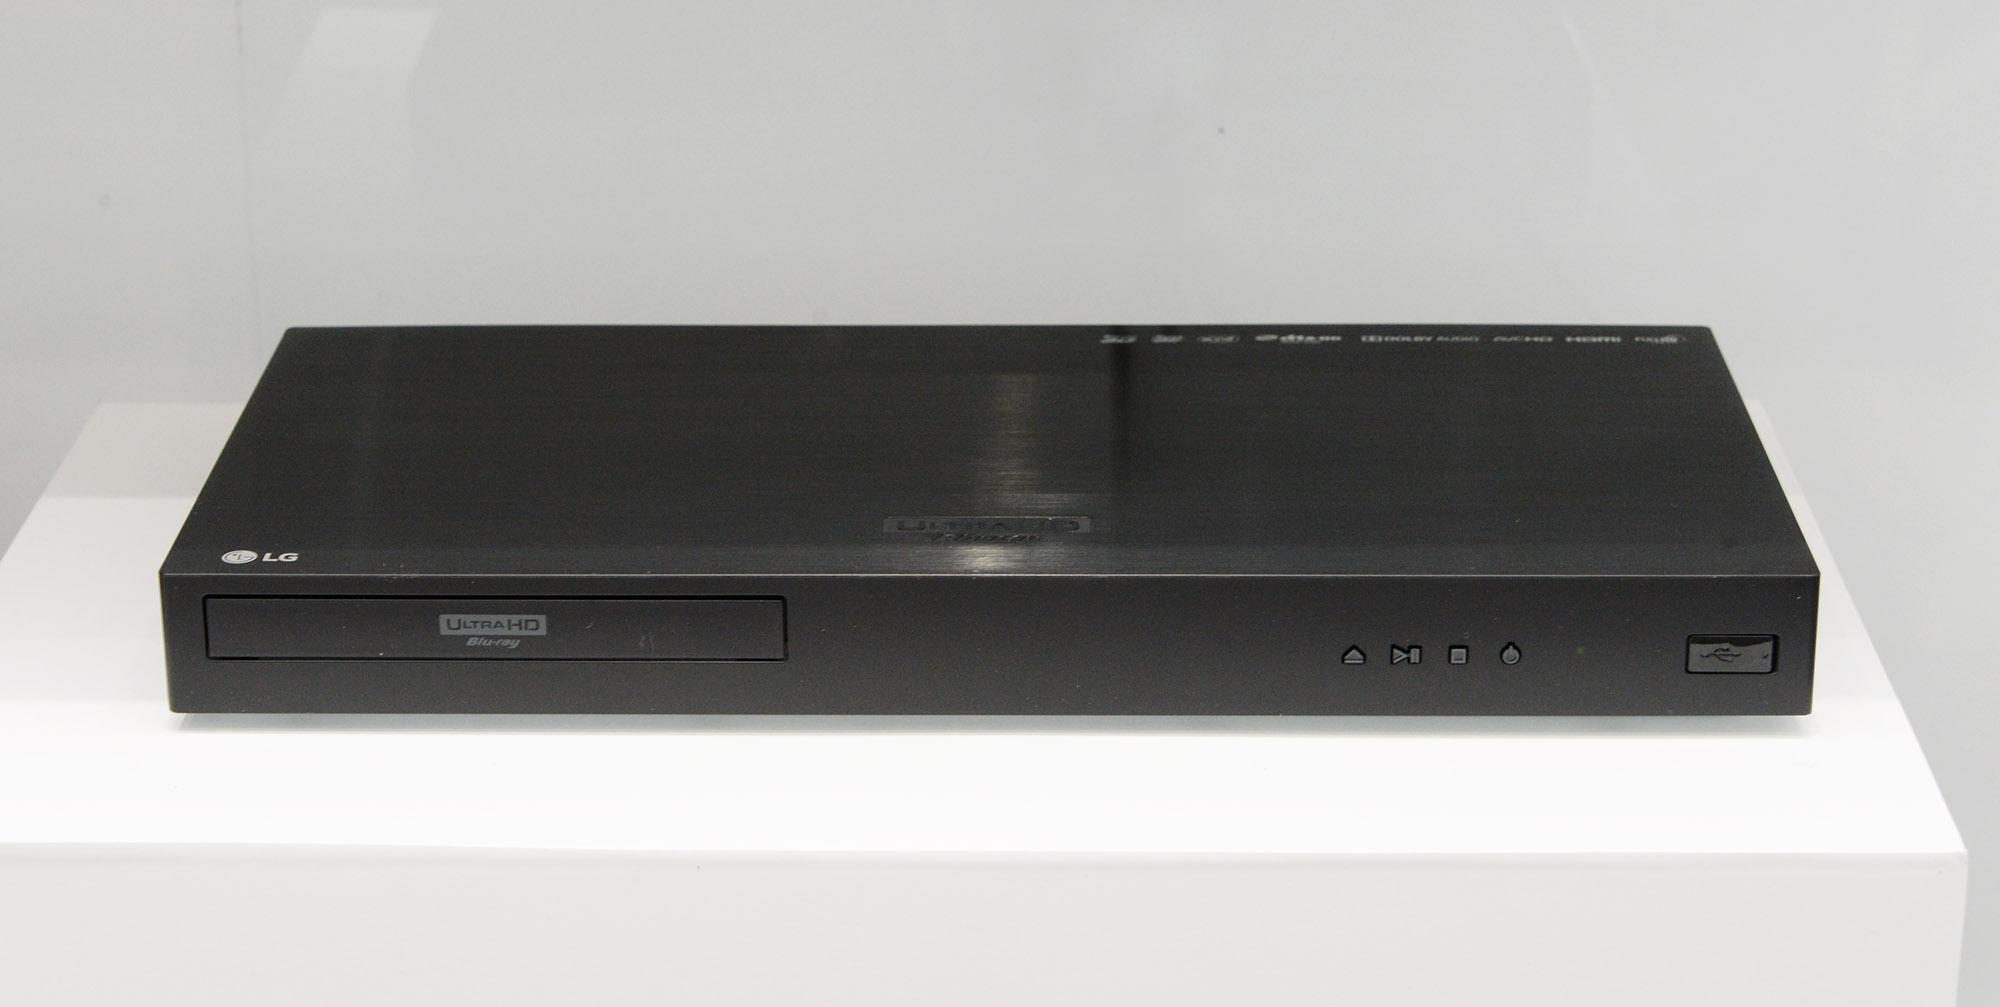 الجی و  Dolby Laboratories از پخشکننده بلوری جدیدی با قابیلت پشتیبانی ازDOLBY VISION  و کیفیت تصویر ۴K ULTRA HD در نمایشگاه رونمایی کردند